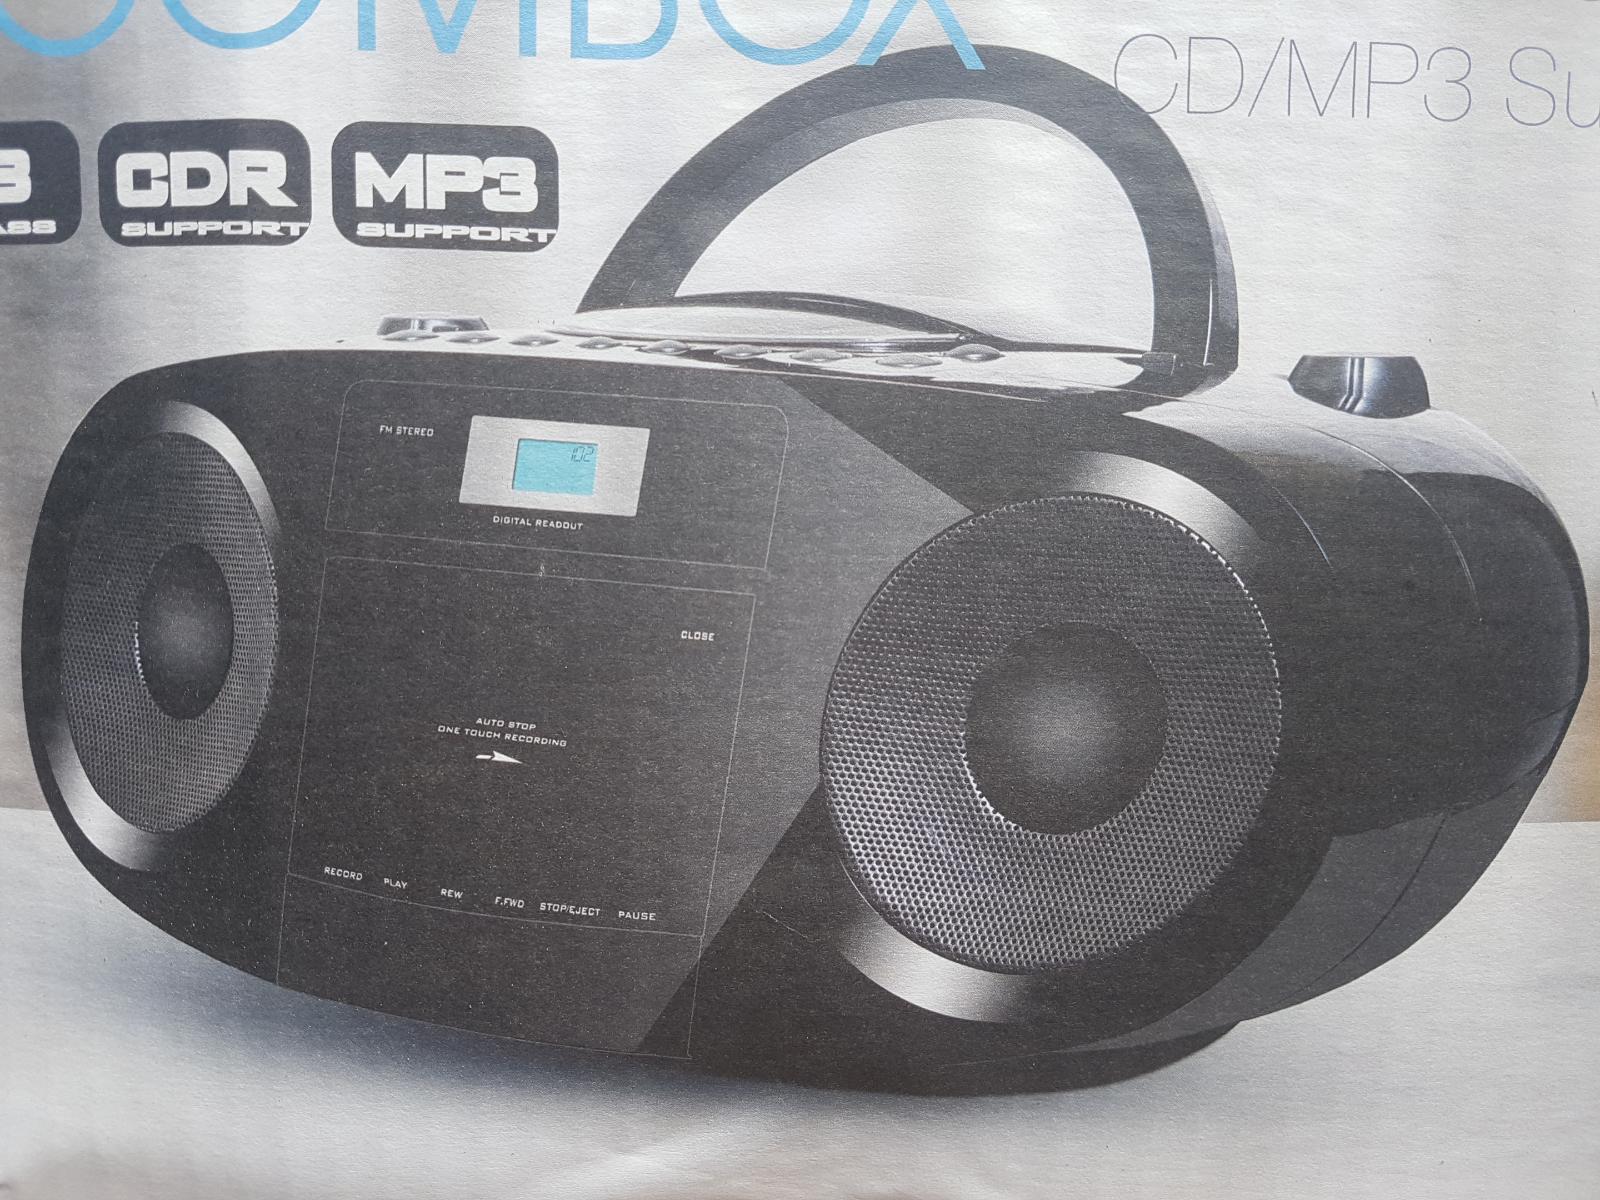 Radiorekorder kassetten spieler CD player MP3 top preis